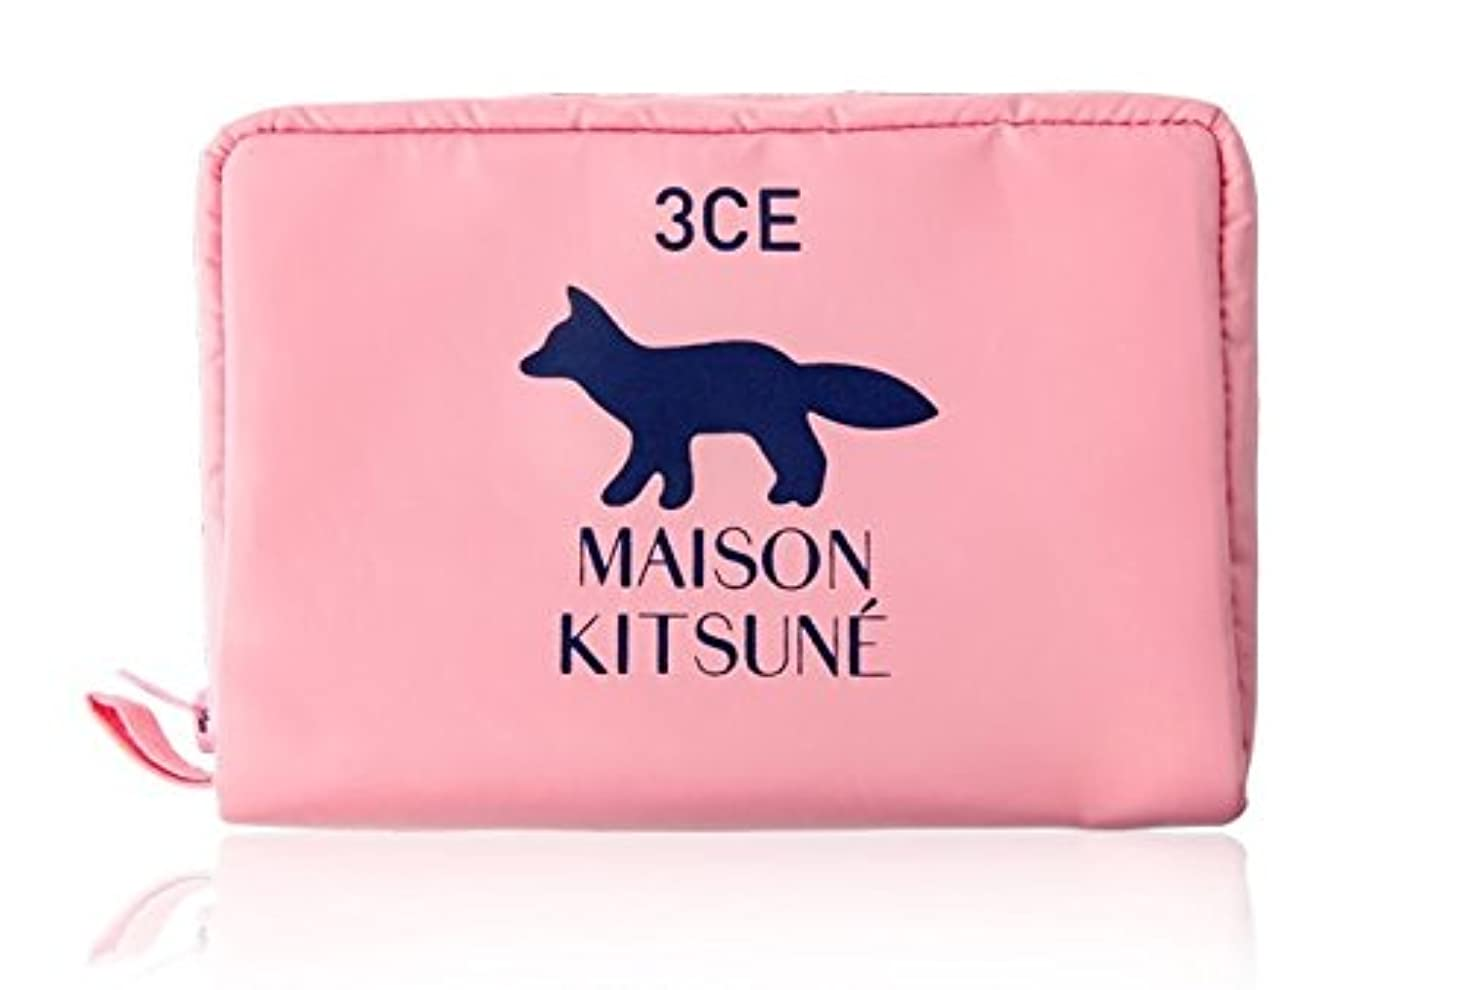 年金堀ニンニク3CE MAISON KITSUNE POUCH #PINK ポーチ ピンク